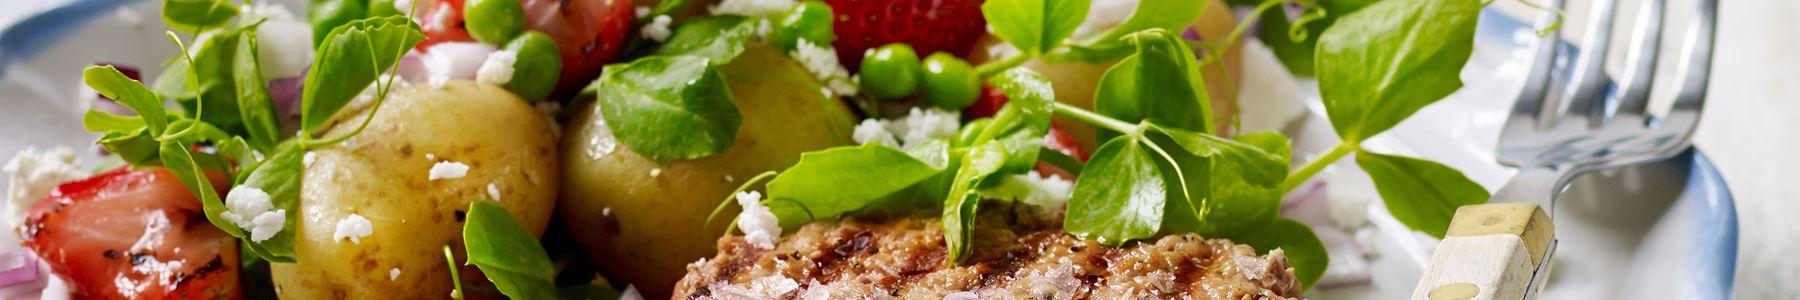 Hurtig + Jordbær + Salater + Svin